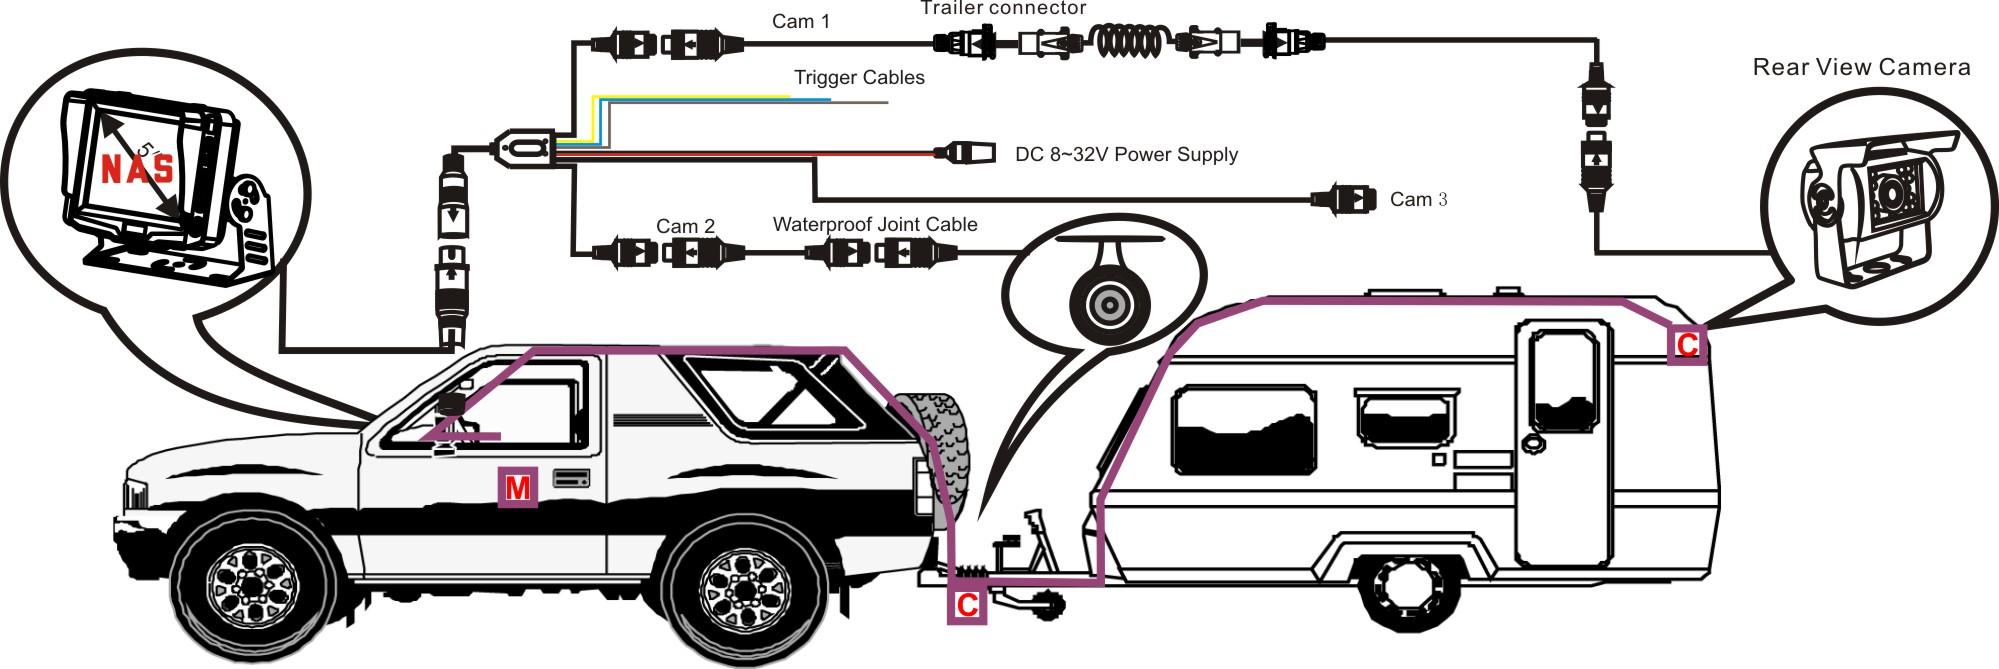 Caravan Camera Monitor Reversing System